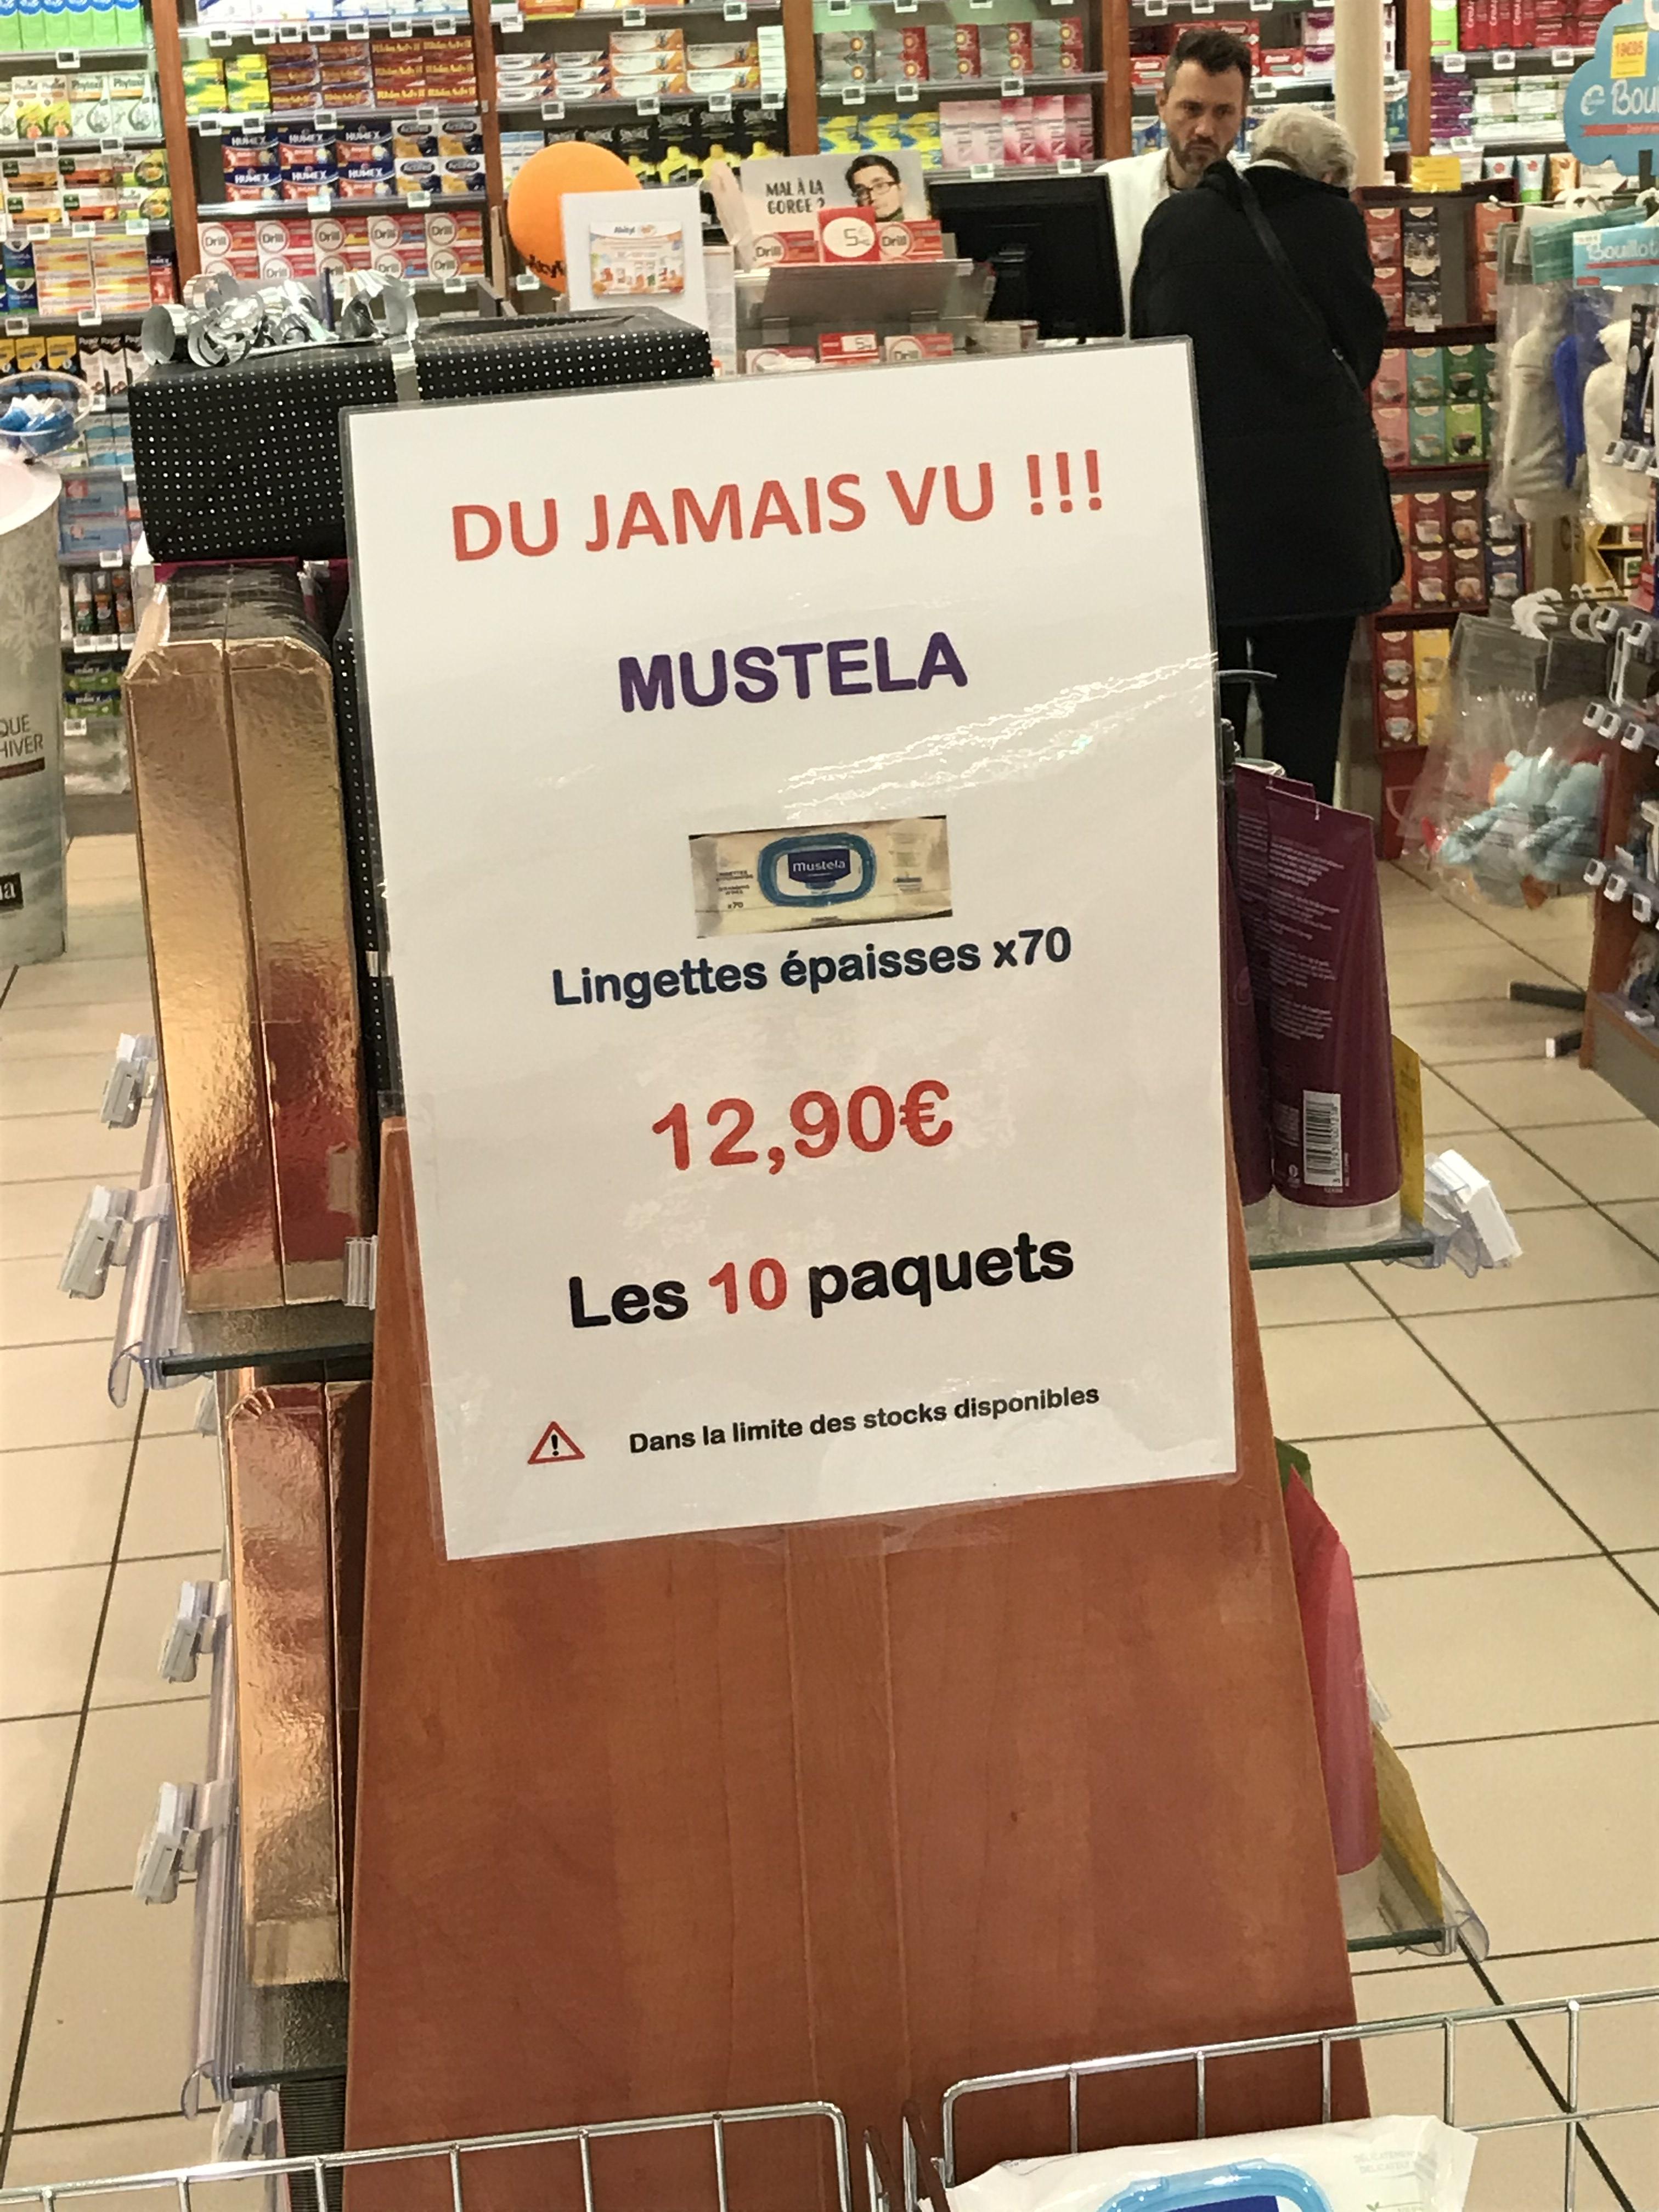 Lot de 10 paquets de 70 lingettes épaisses Mustela - Pharmacie Auchan Laxou (54)